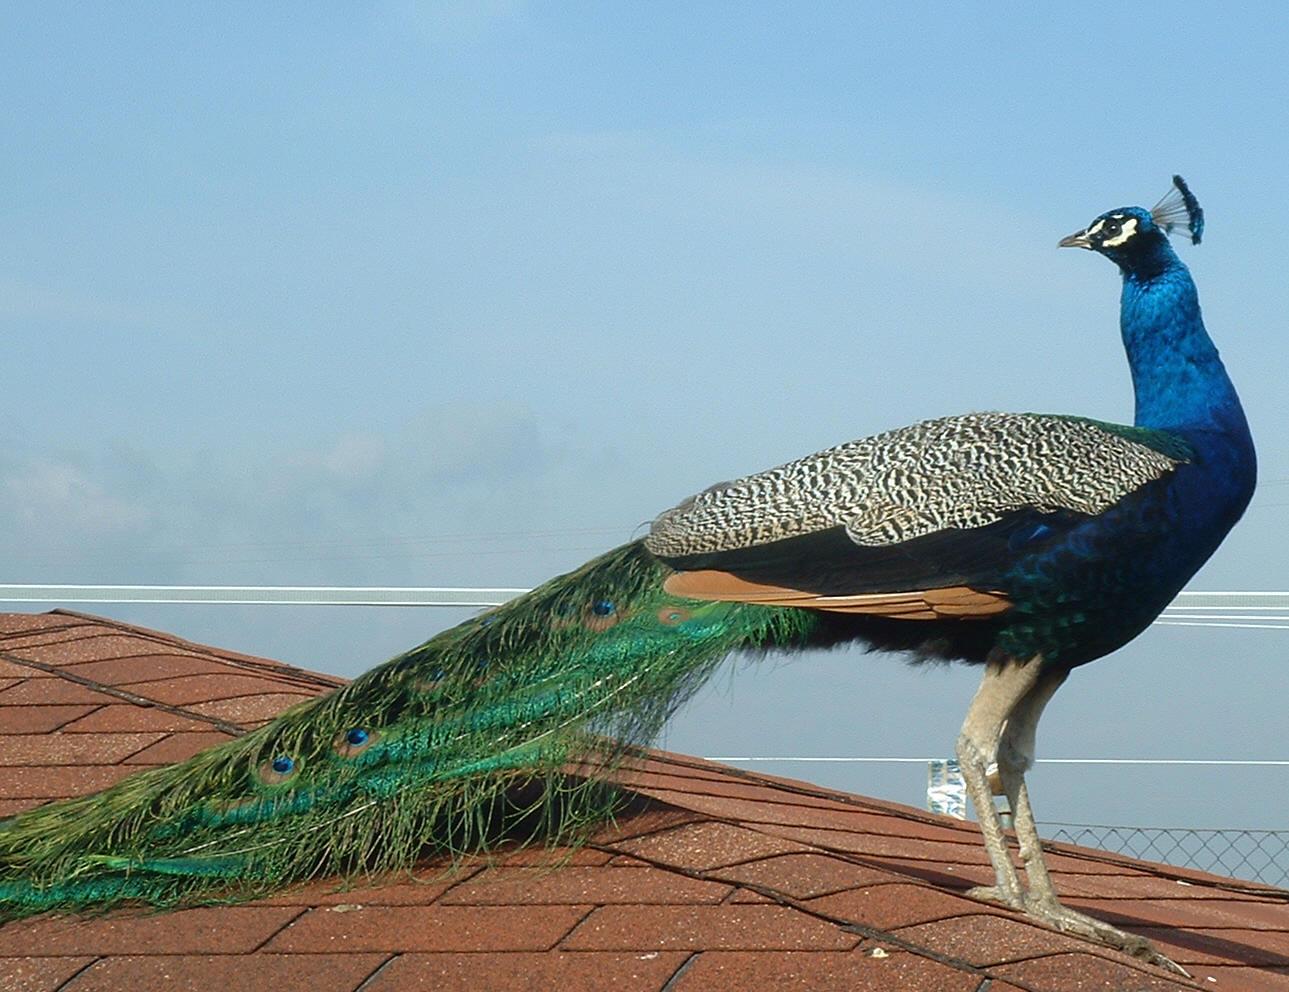 Pavo real fotograf a recurso educativo 103159 tiching - Fotos de un pavo real ...